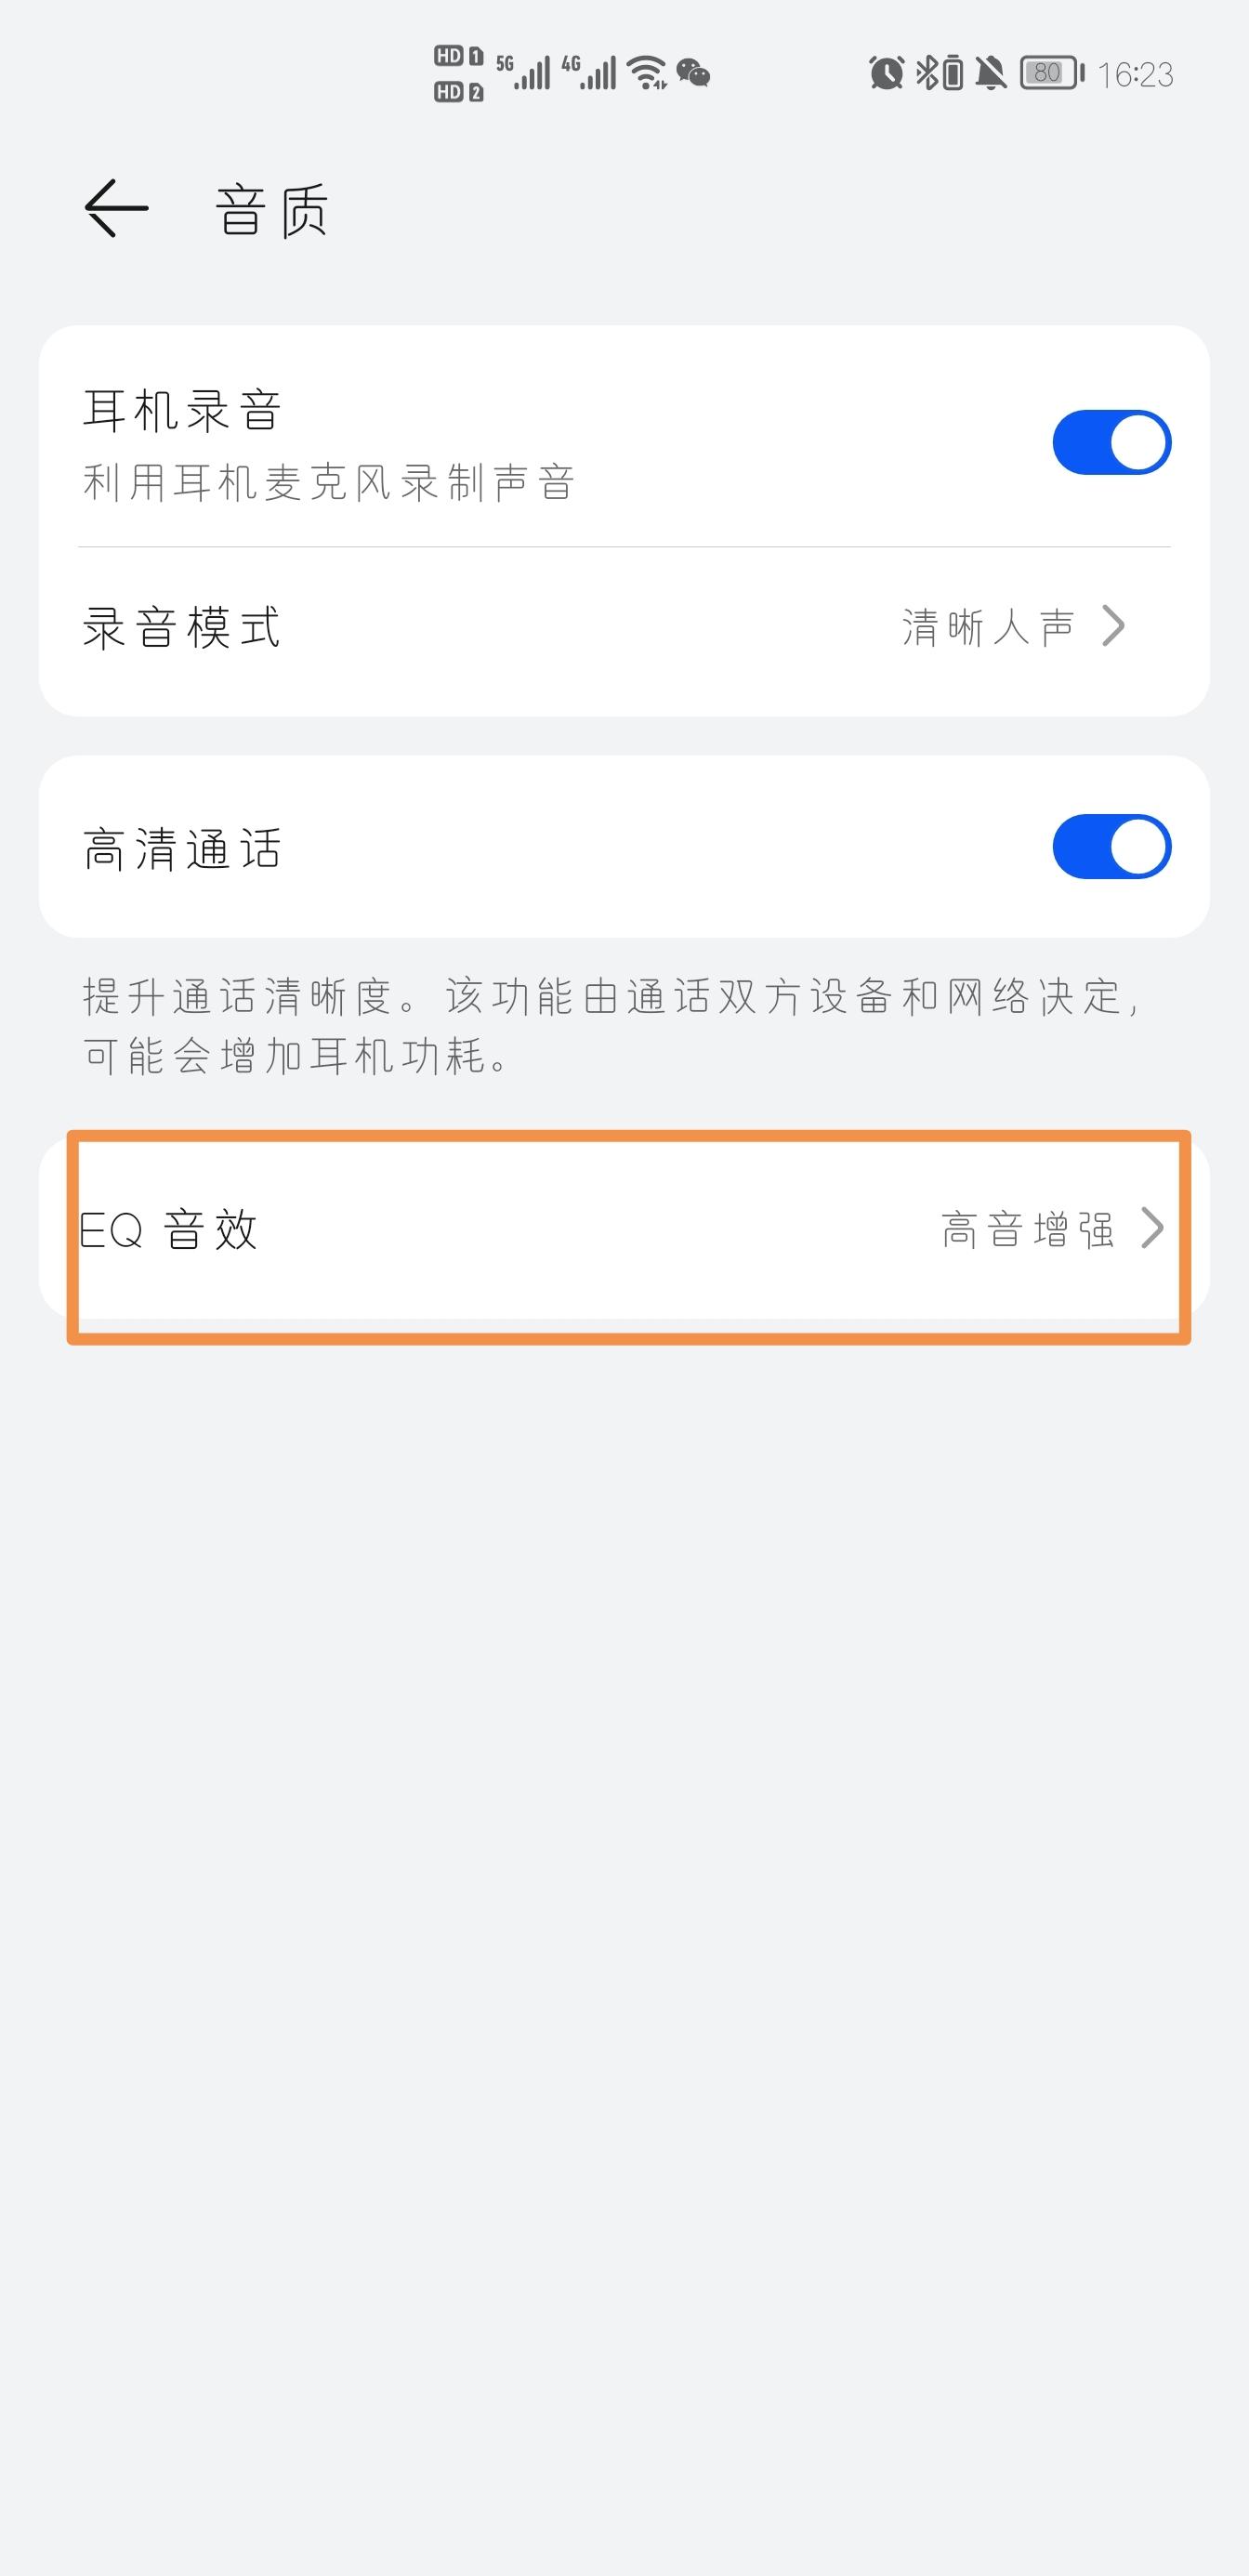 Screenshot_20210608_162320.jpg